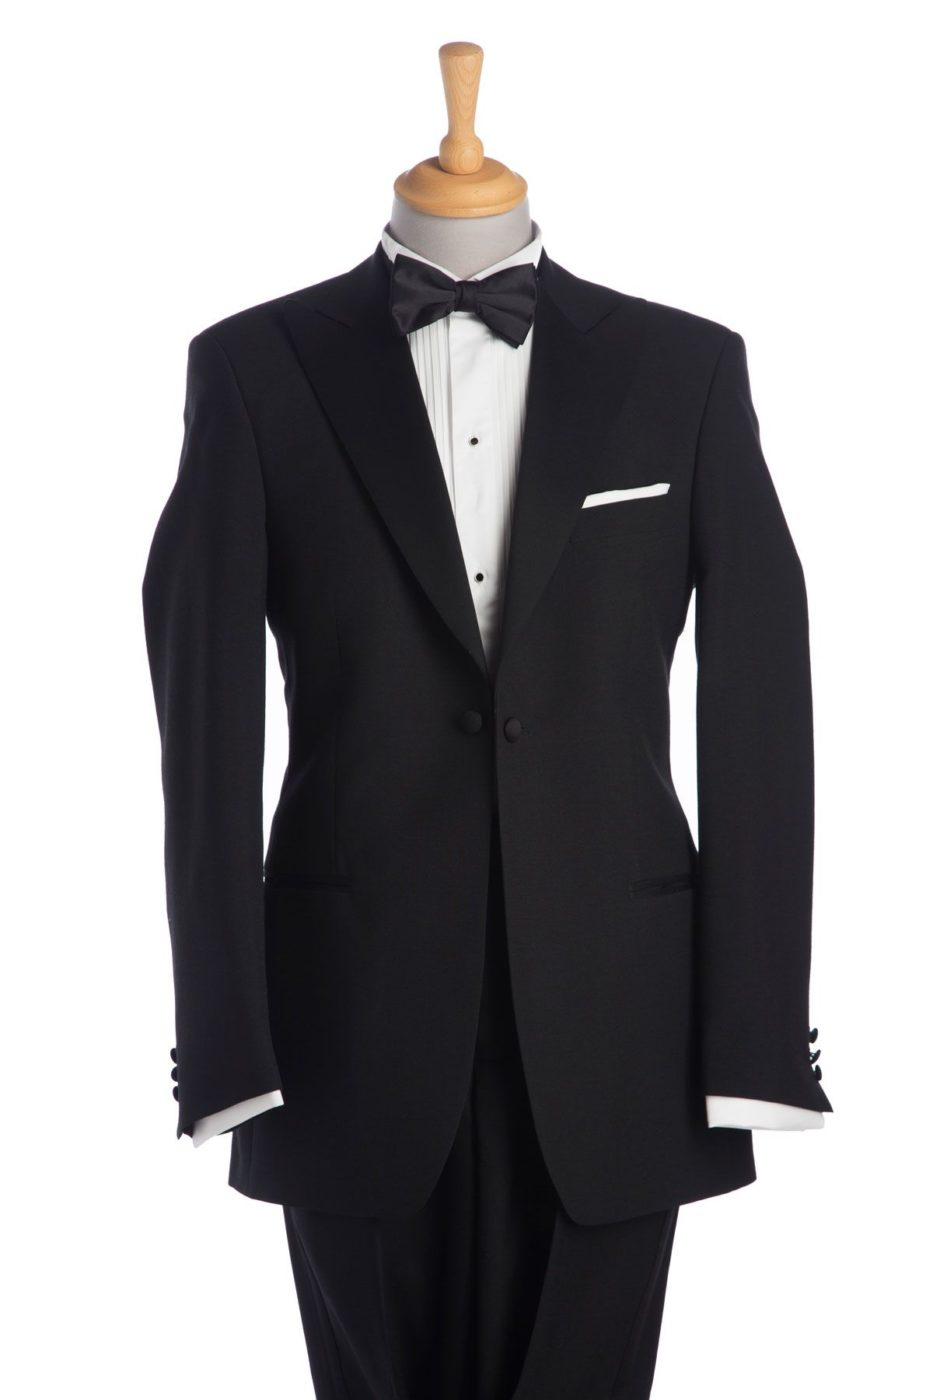 Black Peak Lapel Tuxedo